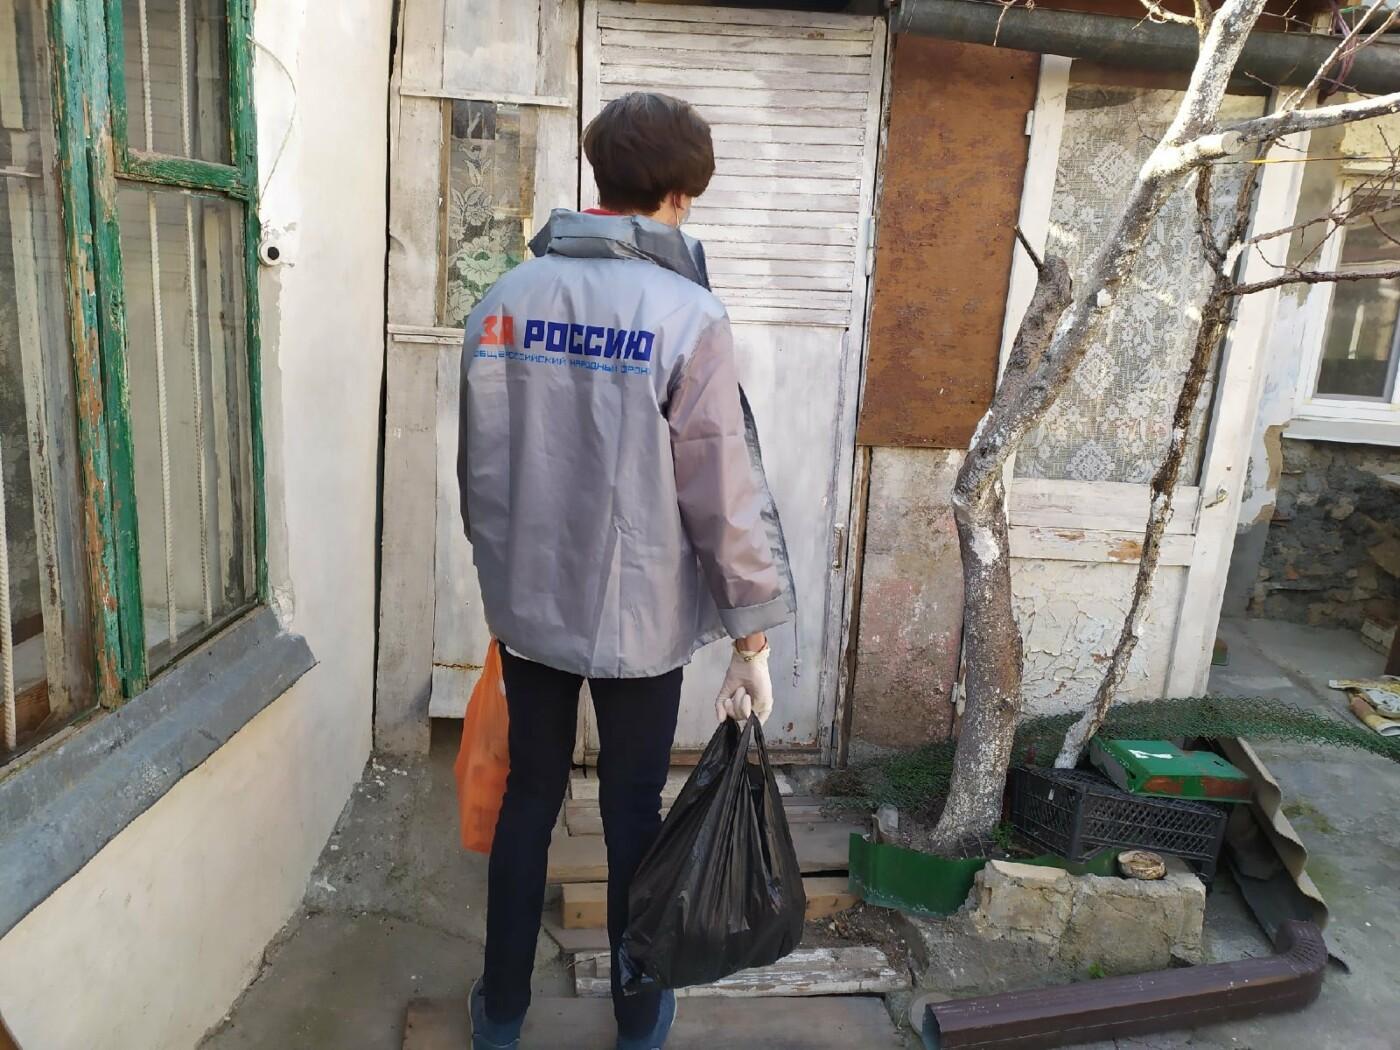 В Крыму волонтеры помогают пожилым и маломобильным гражданам на период эпидемии коронавируса, фото-3